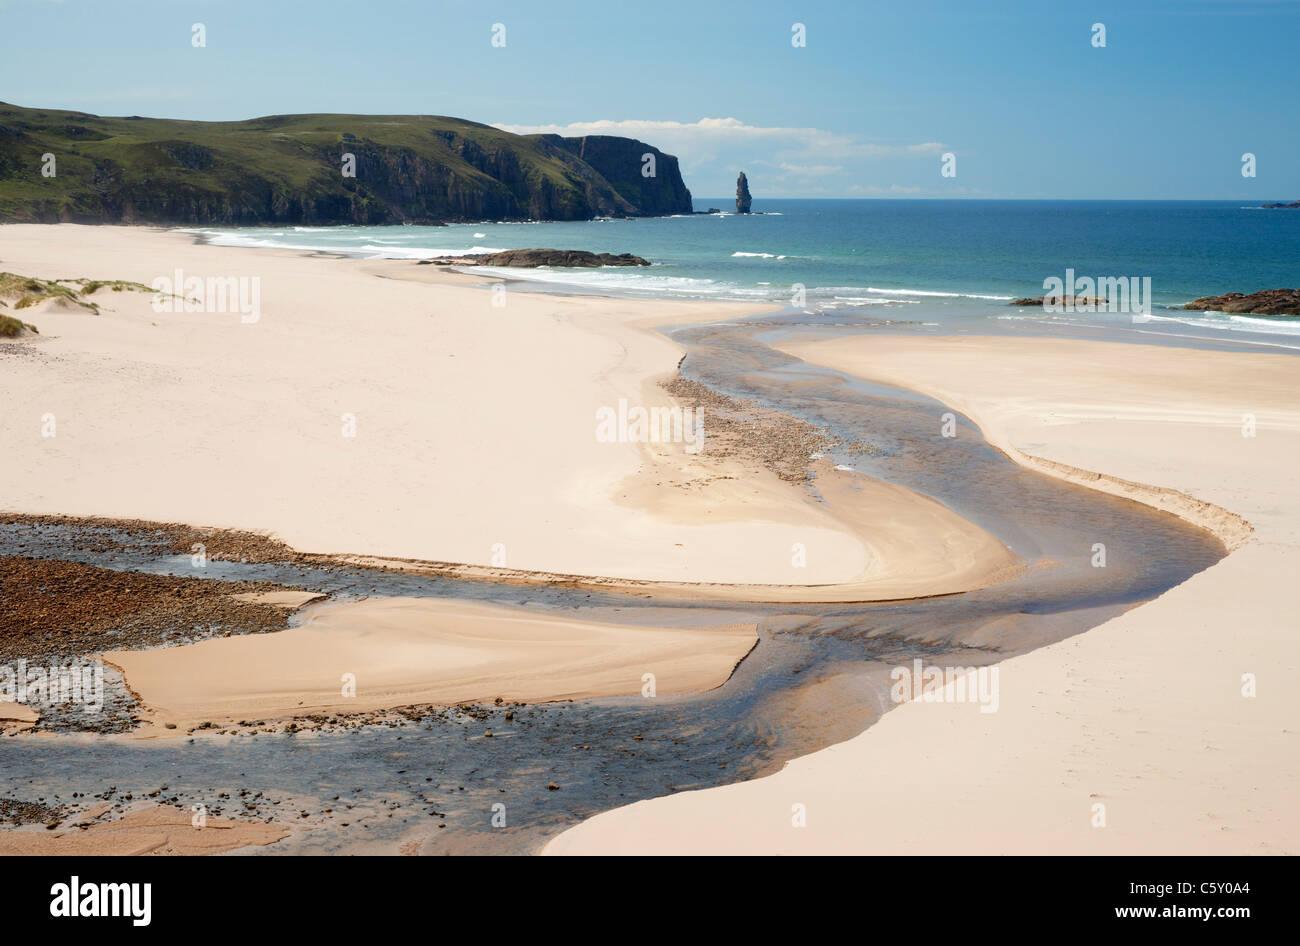 Sandwood Bay, Sutherland, Highland, Scotland, UK. - Stock Image